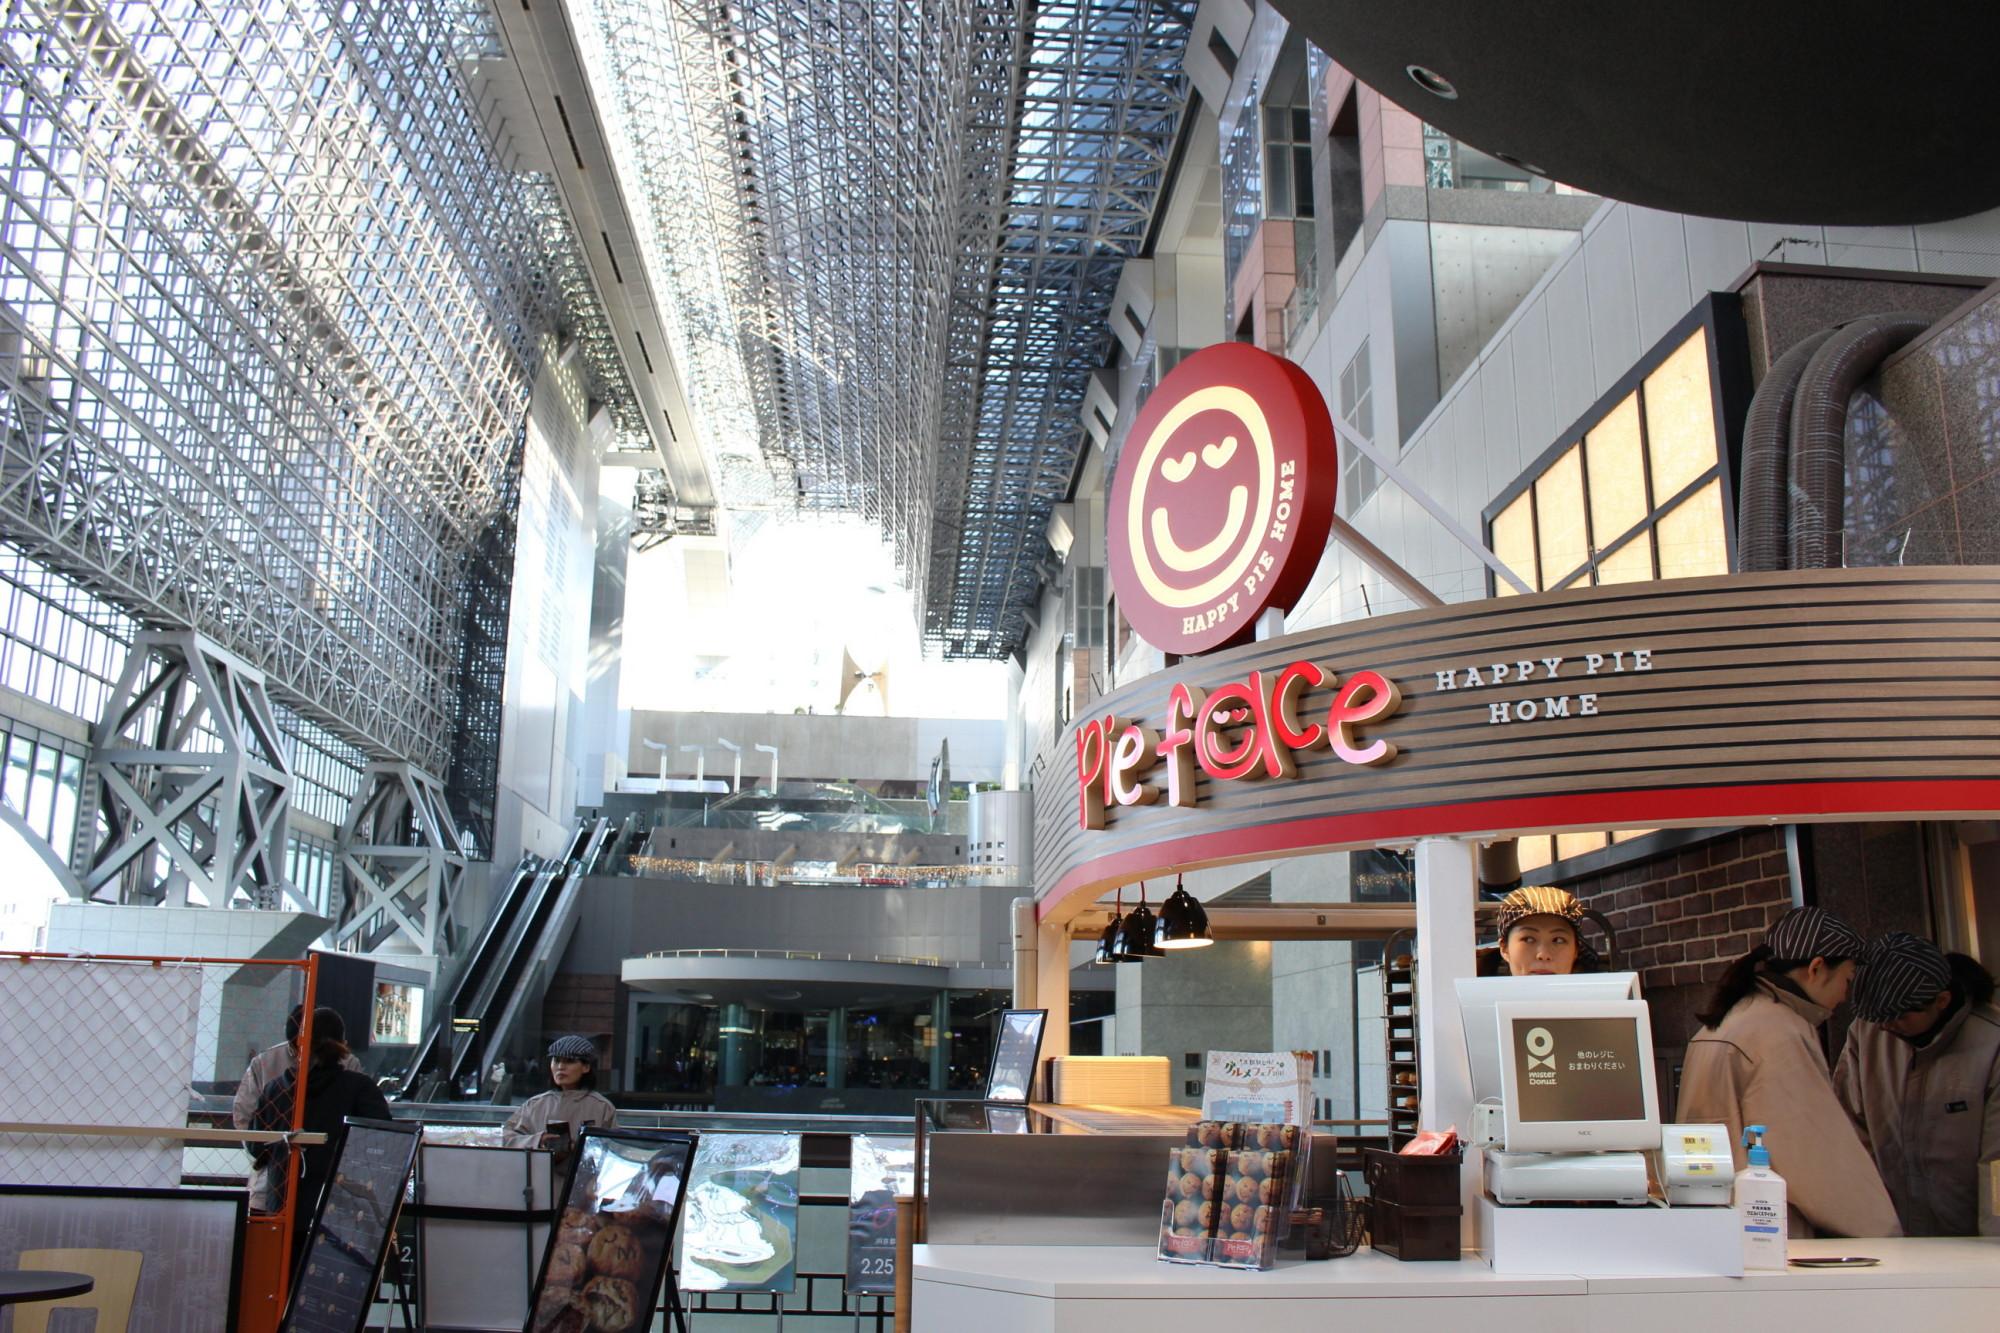 很適合當作休息時的小去處!西日本第2家分店『PieFace』在JR京都車站大樓中央大廳登場